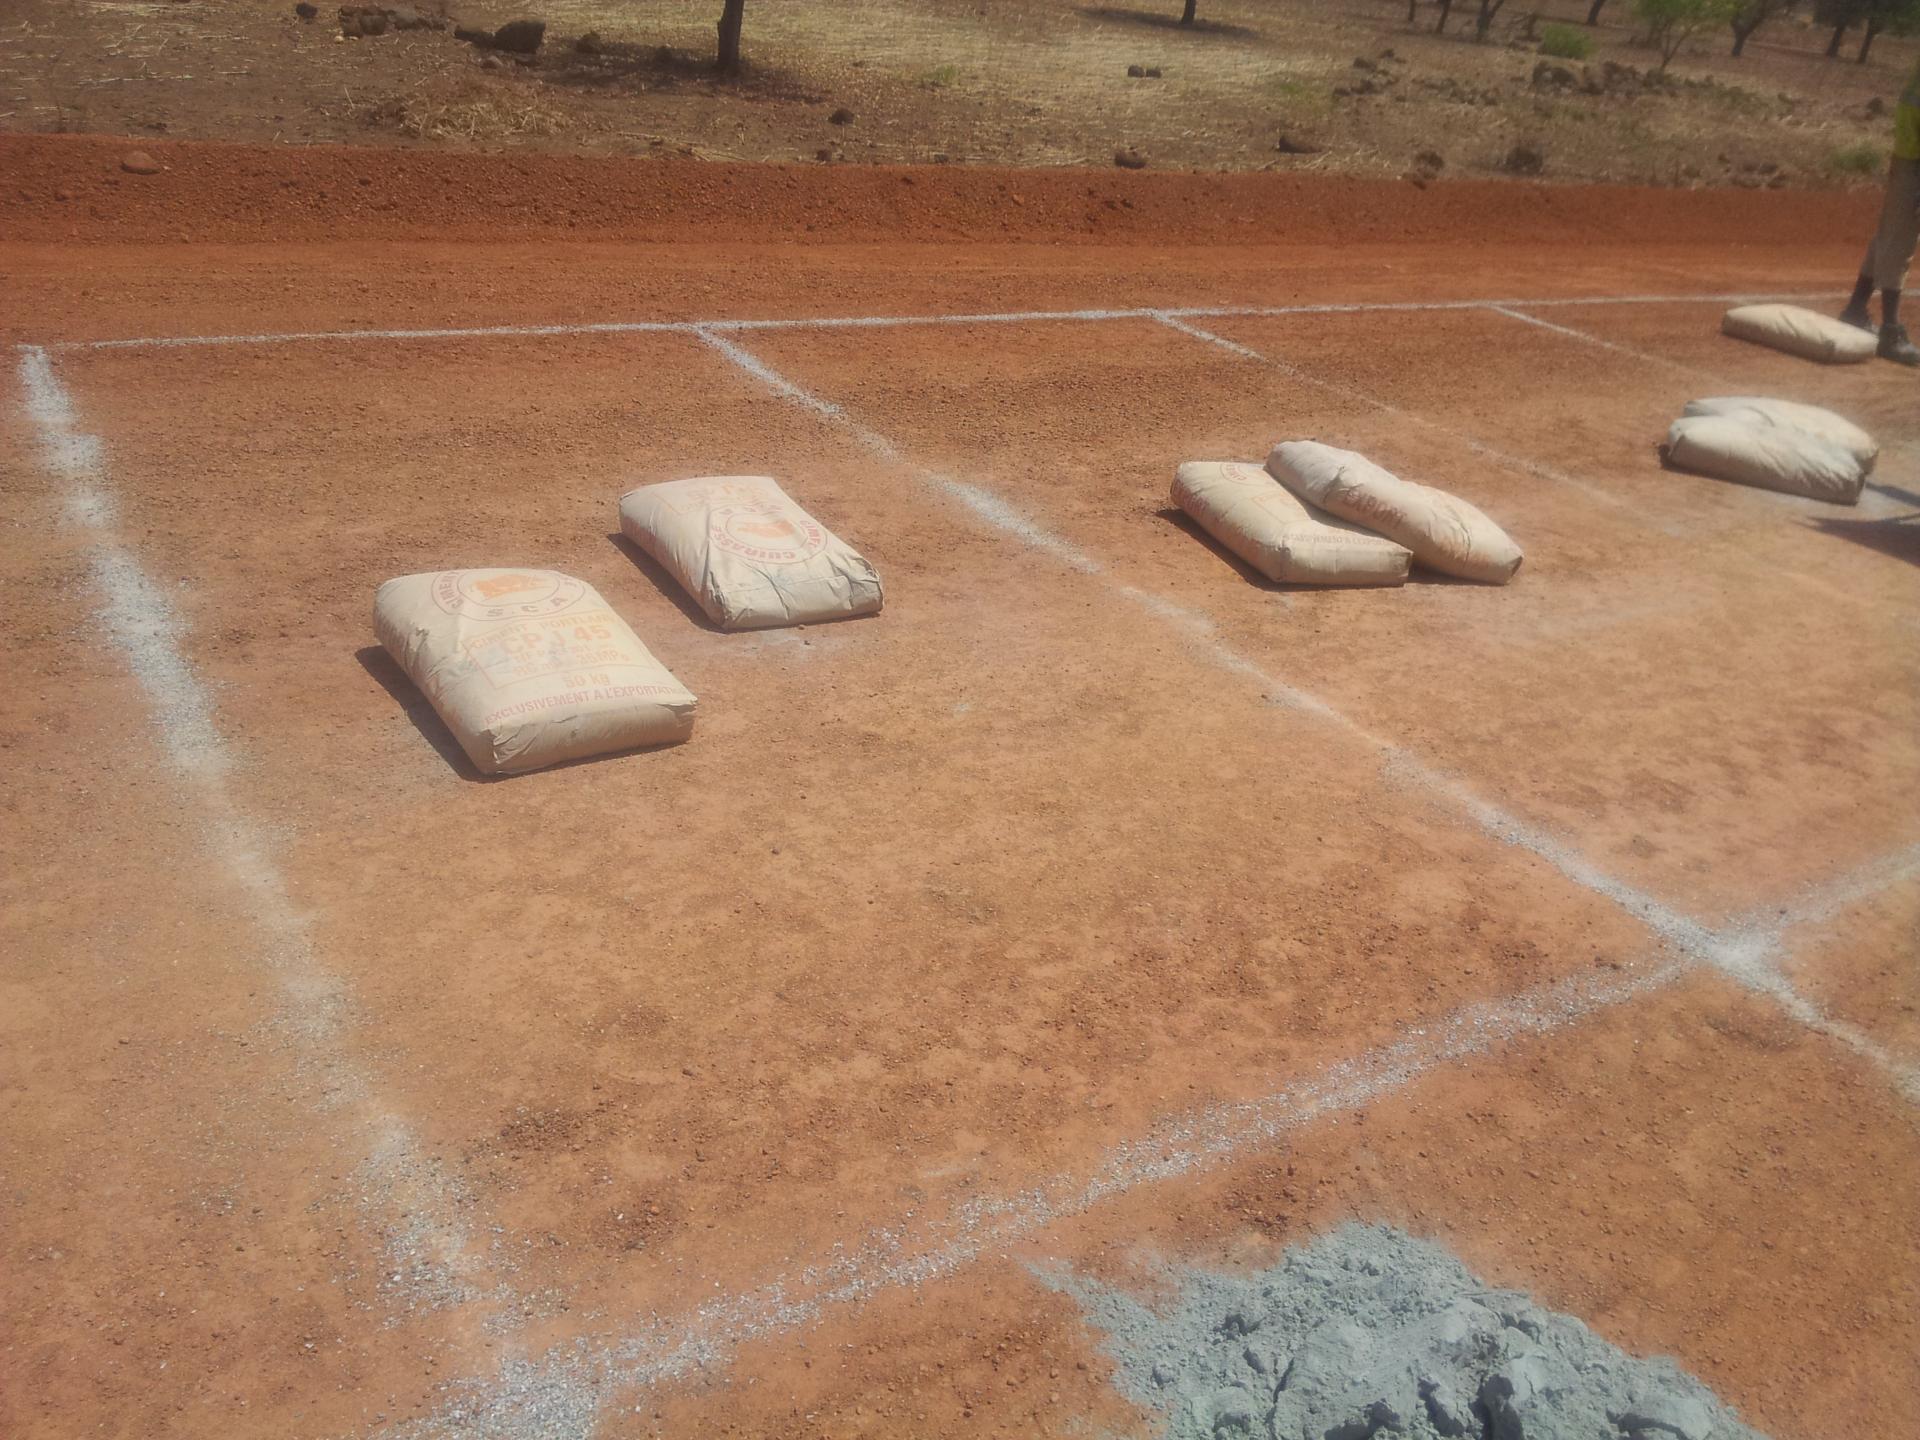 Le sol Ciment. Il s'agit plutôt de l'amélioration à 2.5% de ciment de la couche de fondation.